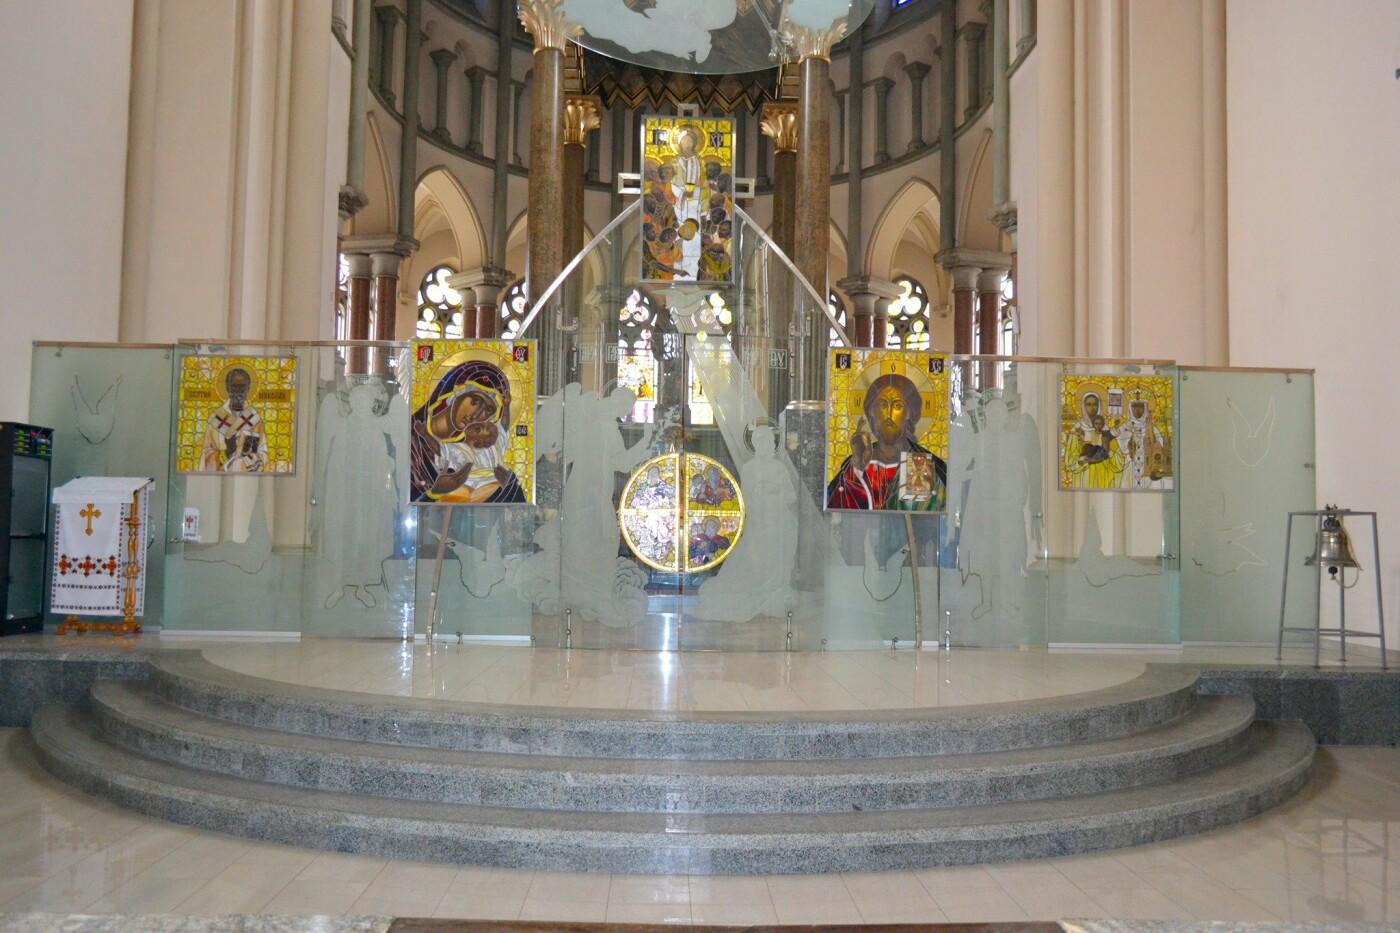 Іконостас у церкві, Фото: Іван Галімурка, фейсбук